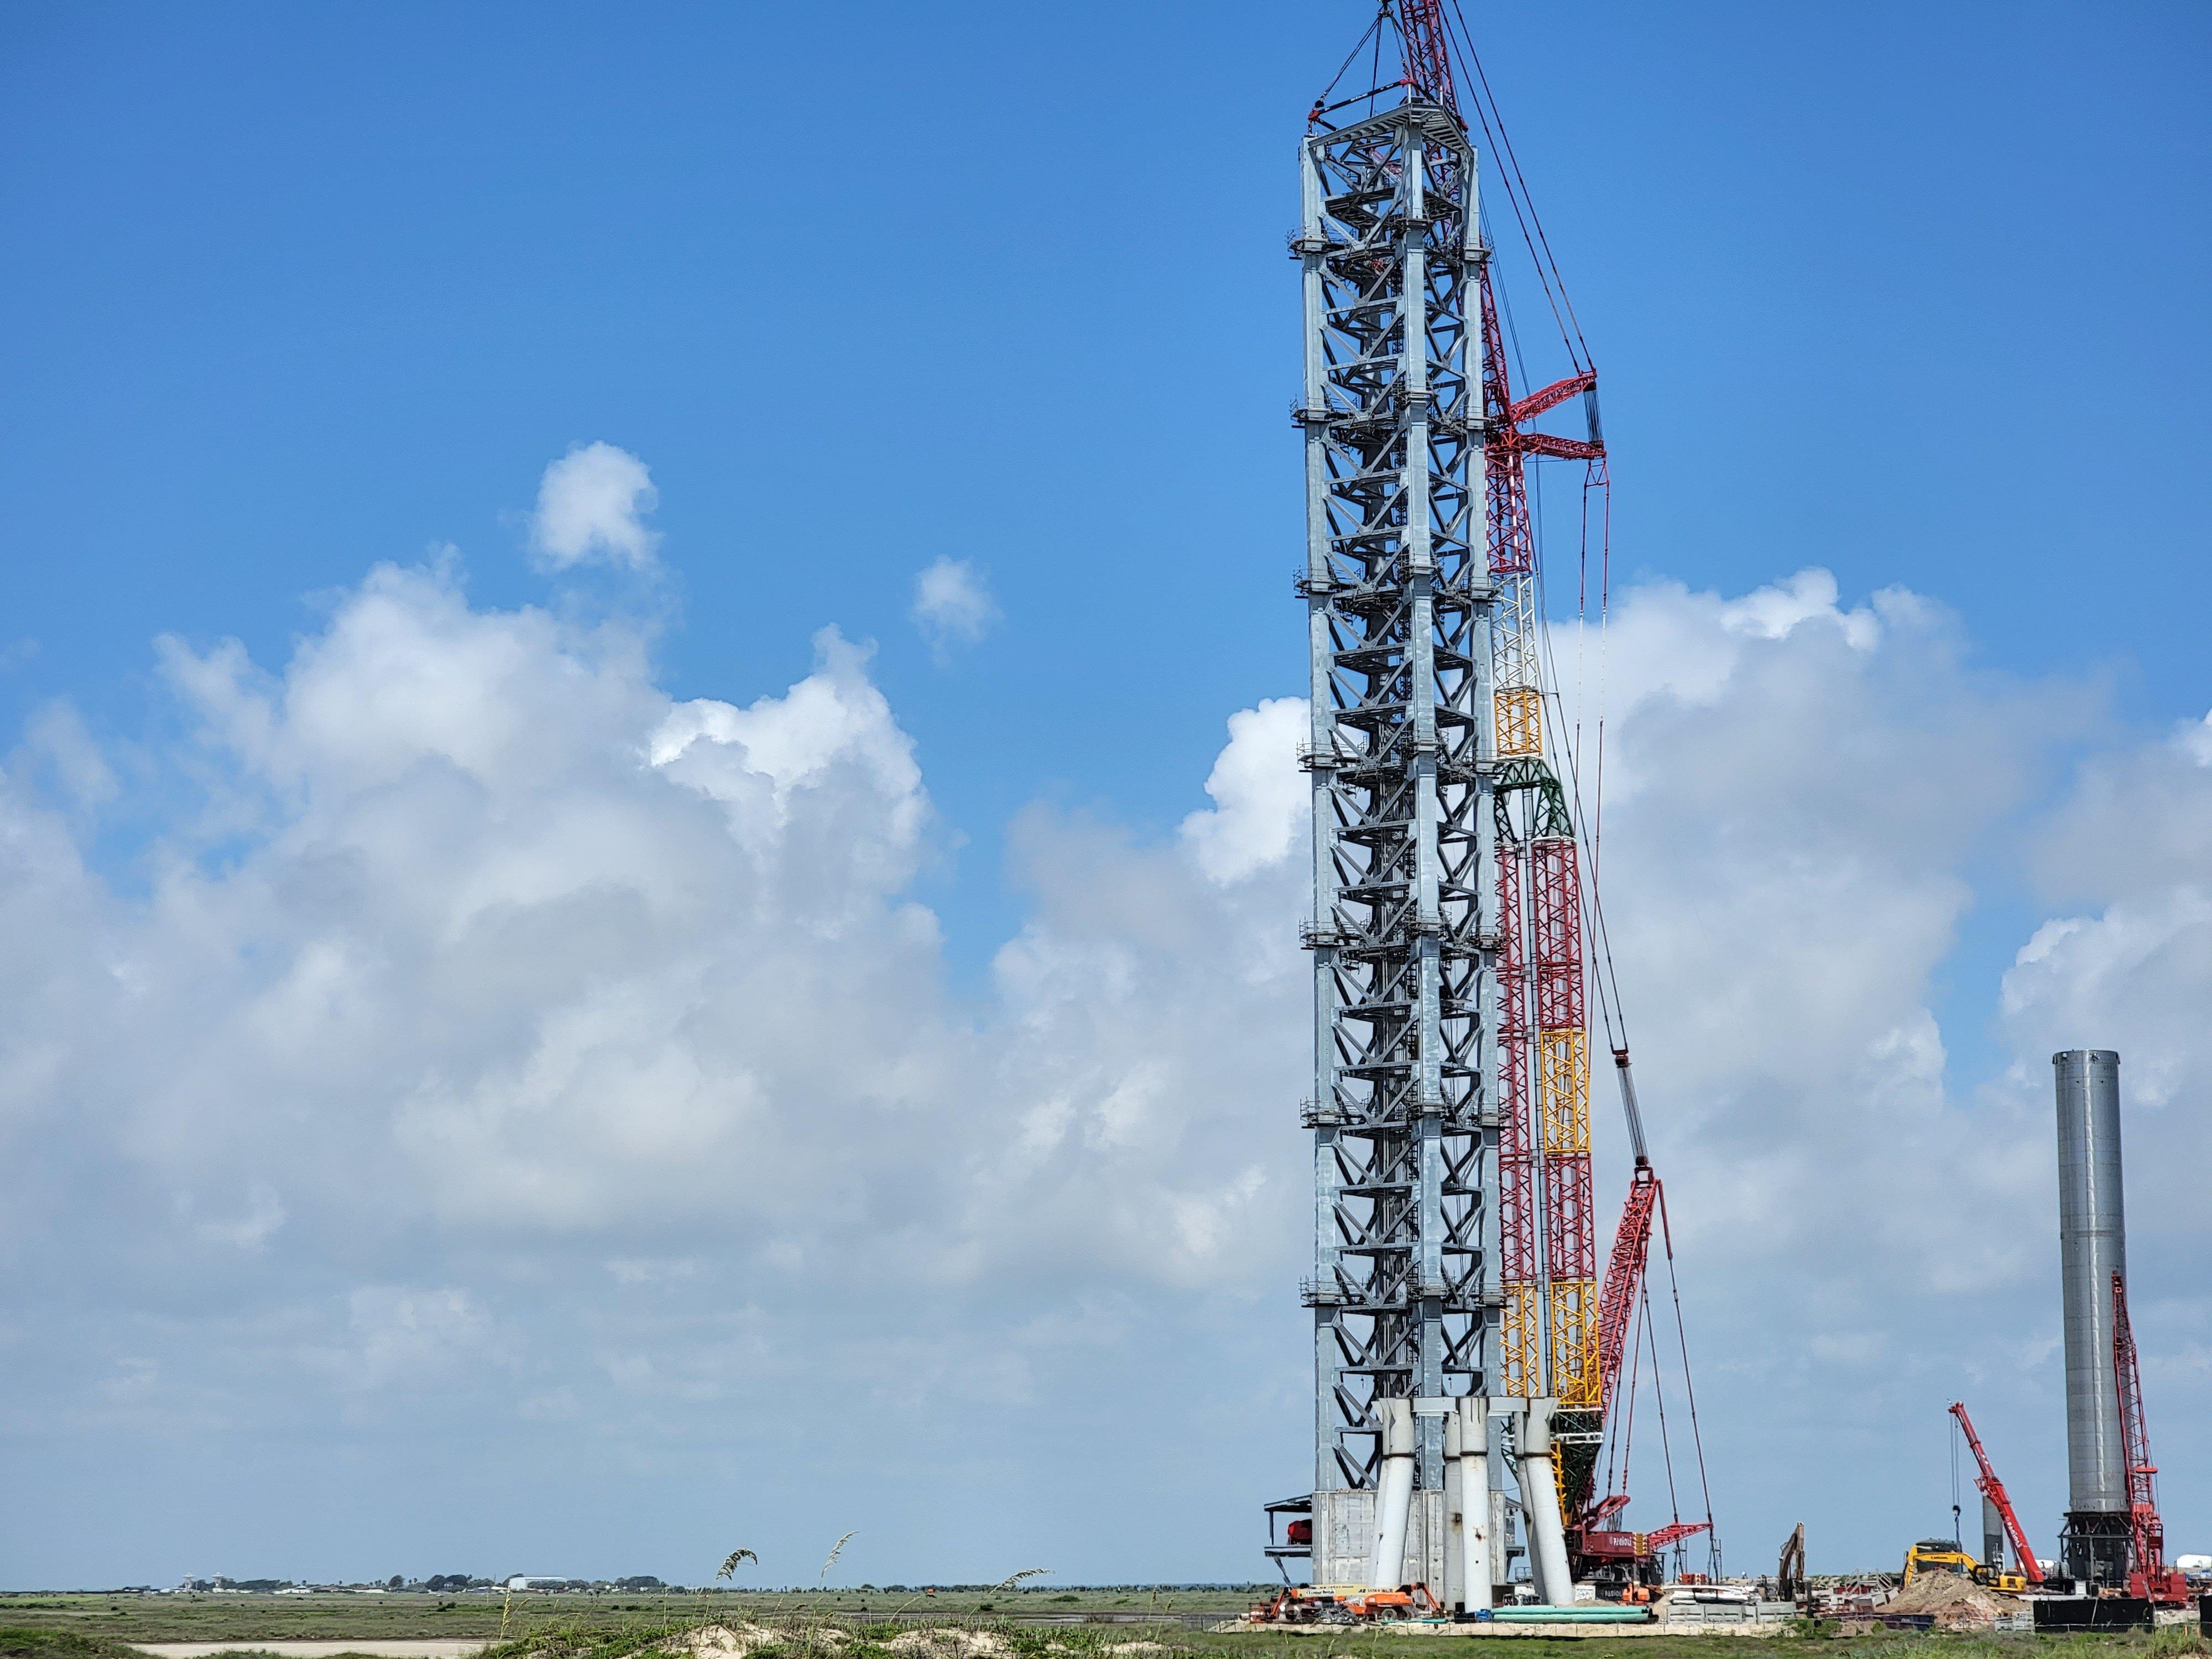 Строится башня для удержания сверхтяжёлой ракеты